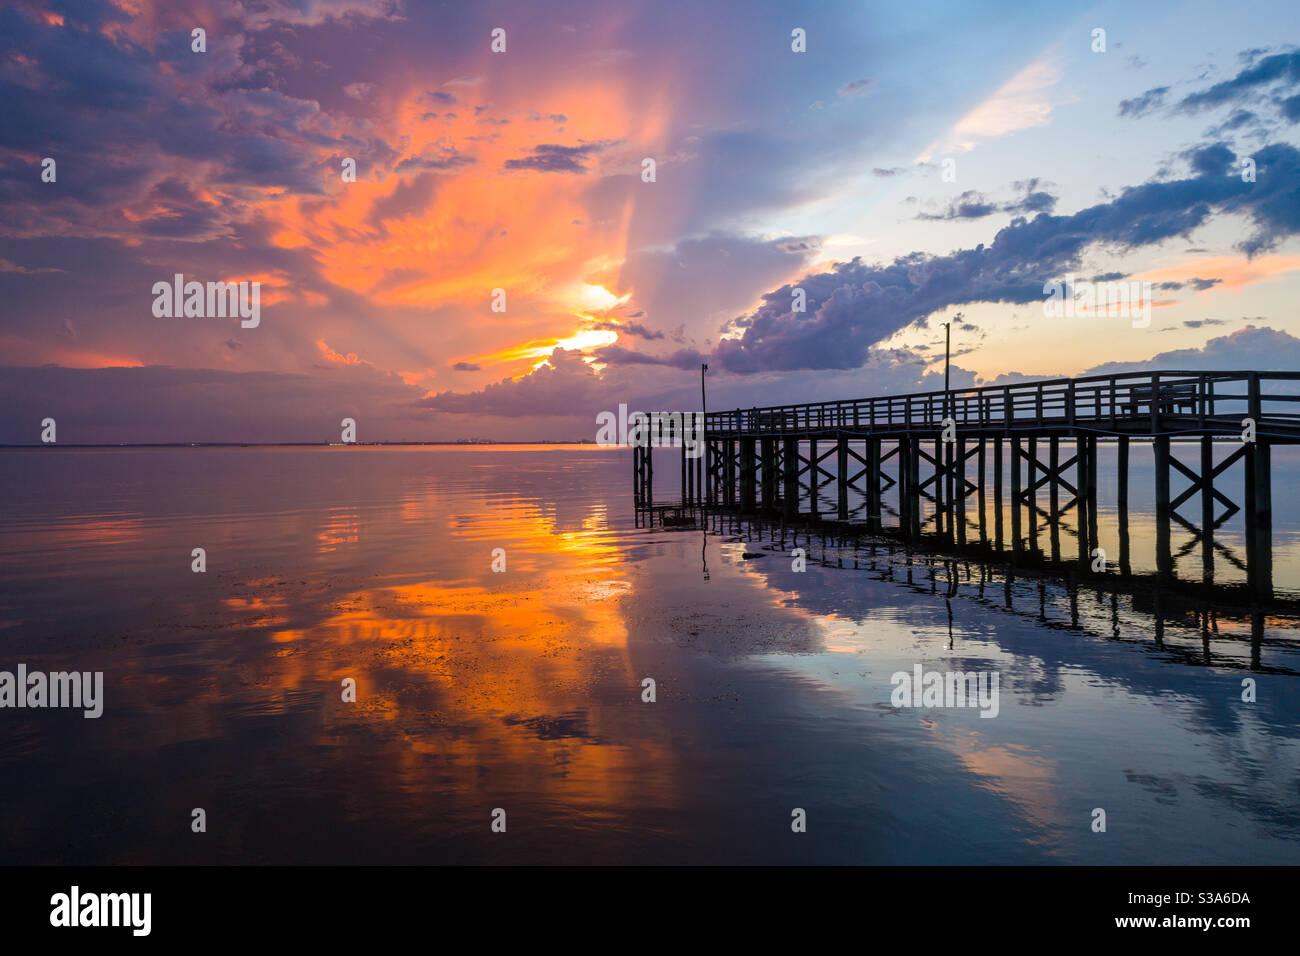 Wunderschöner Sonnenuntergang am Bayfront Stockfoto